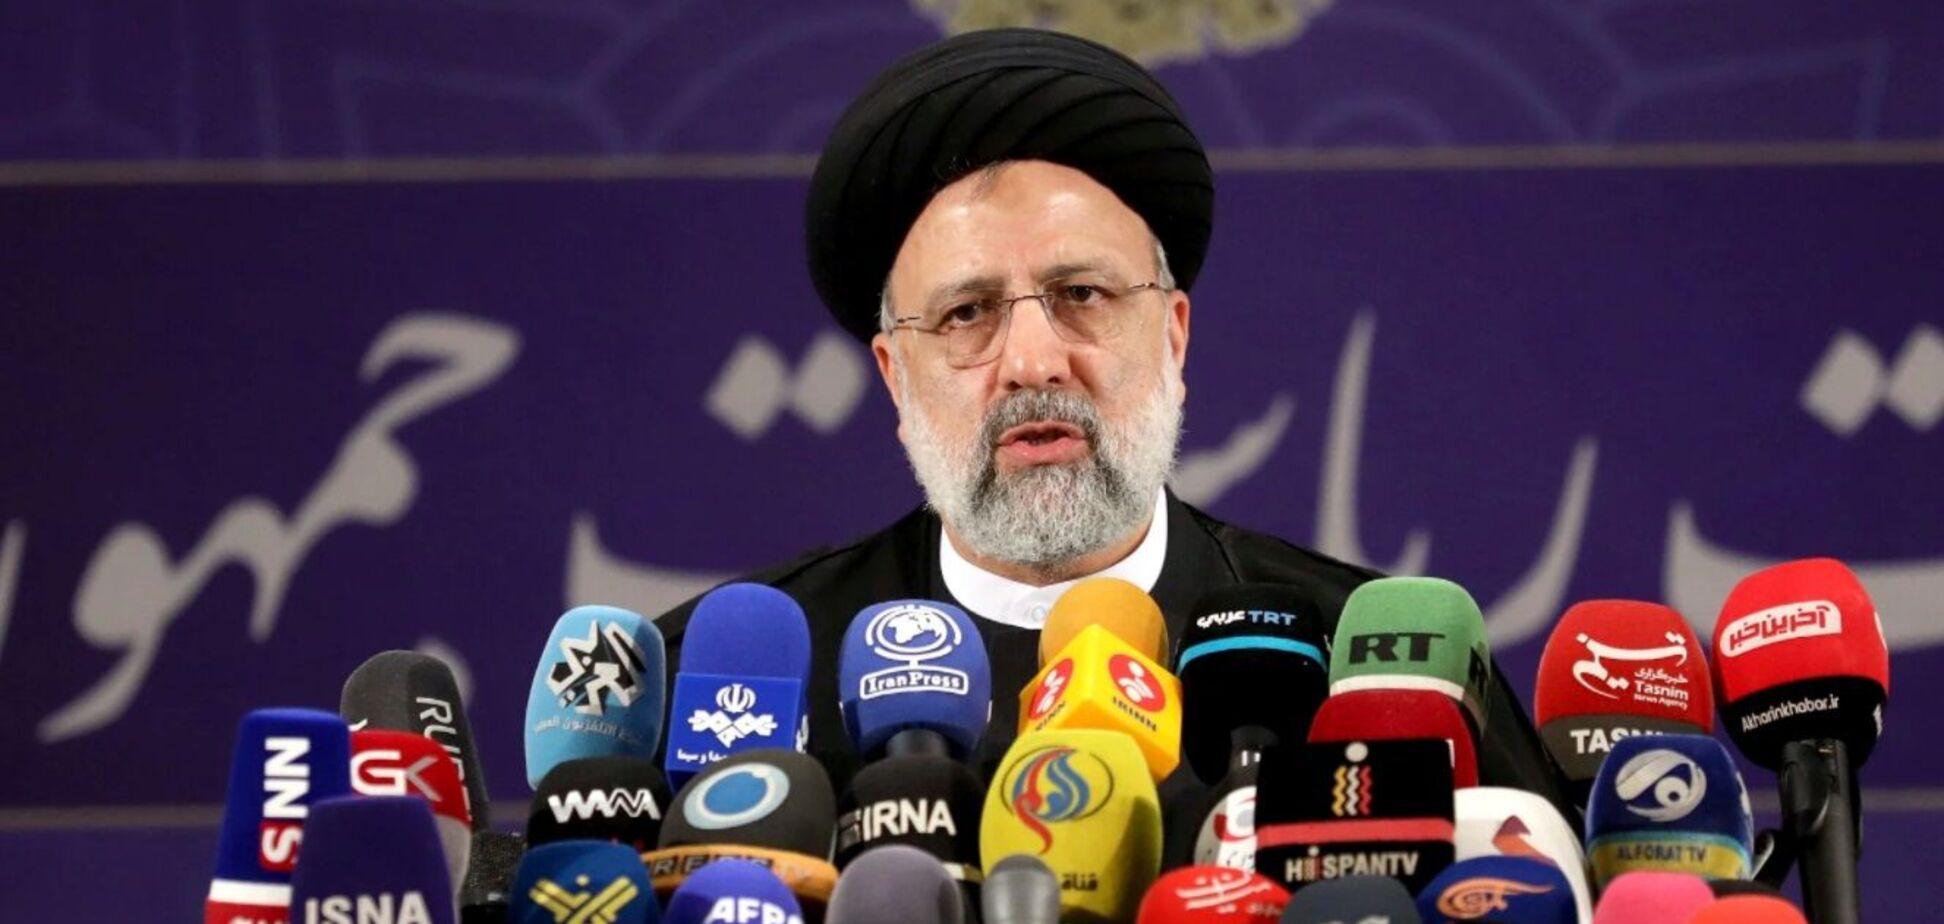 В Иране на президентских выборах победил Эбрахим Раиси: что о нем известно